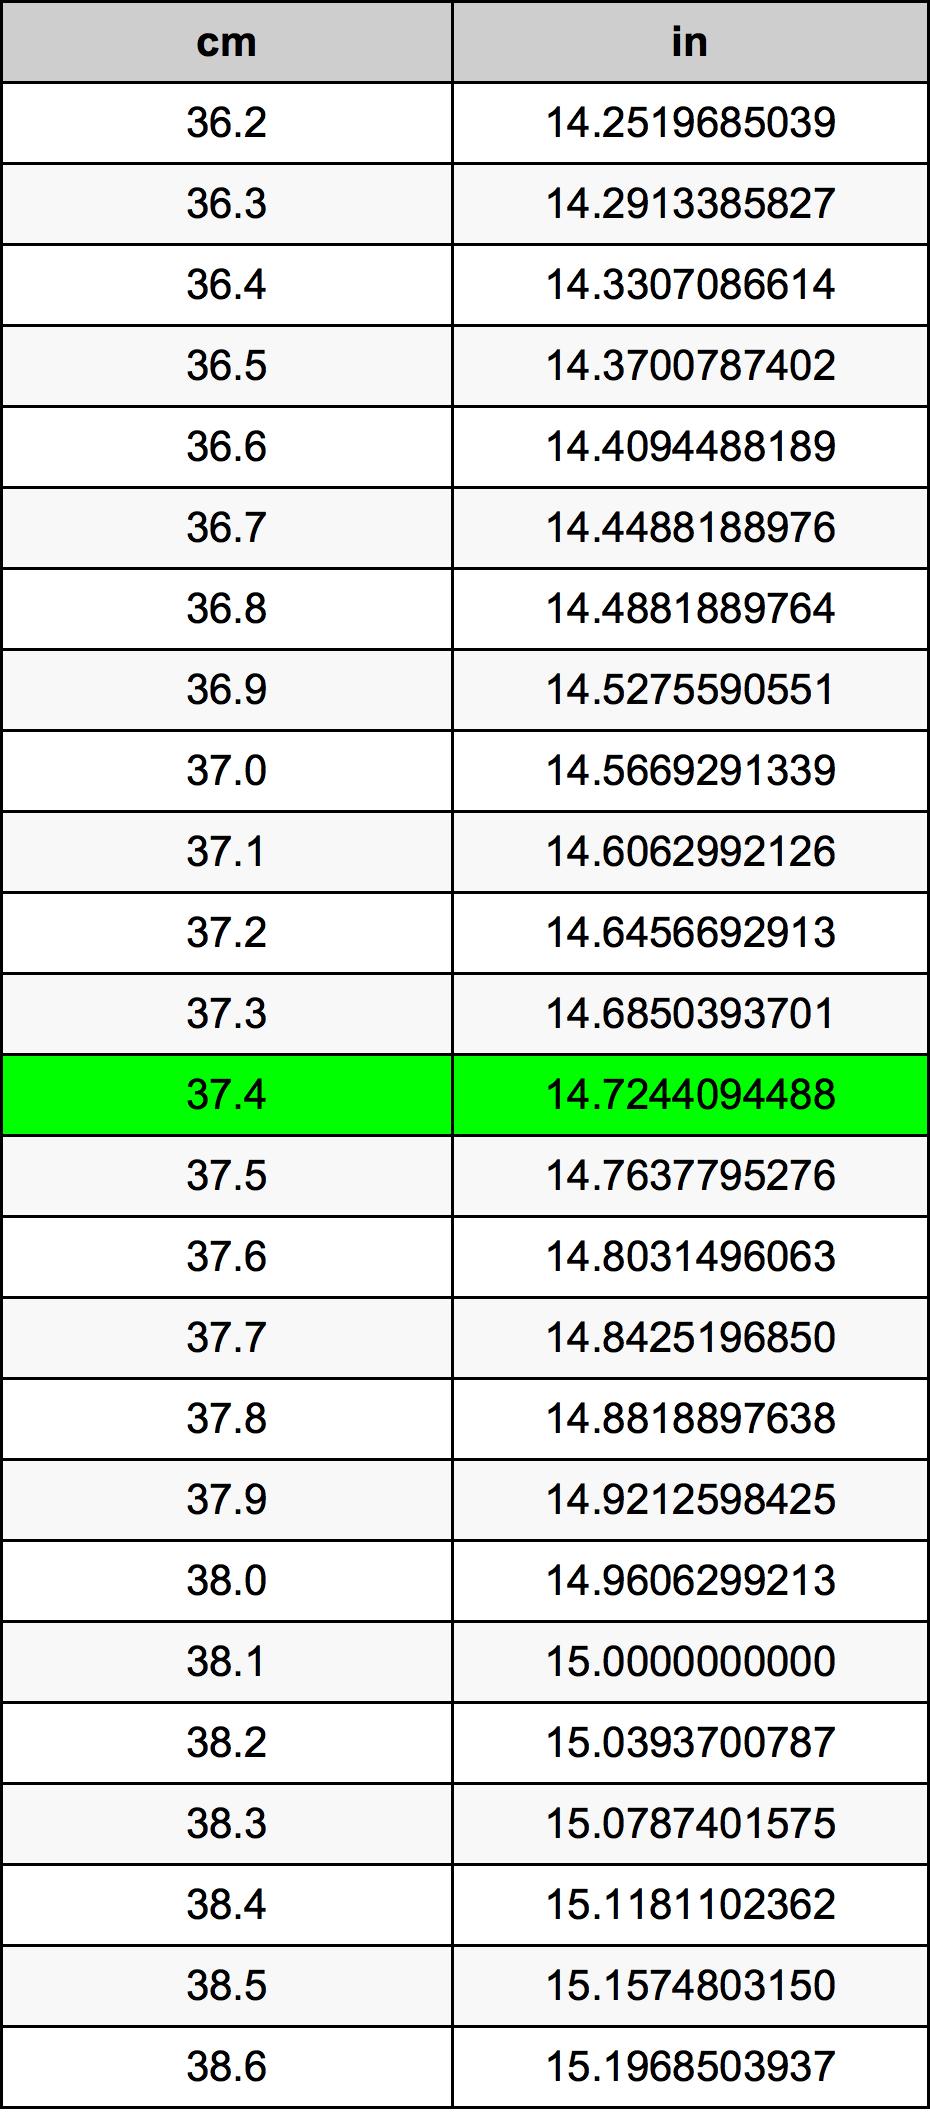 37.4 센티미터 변환 표